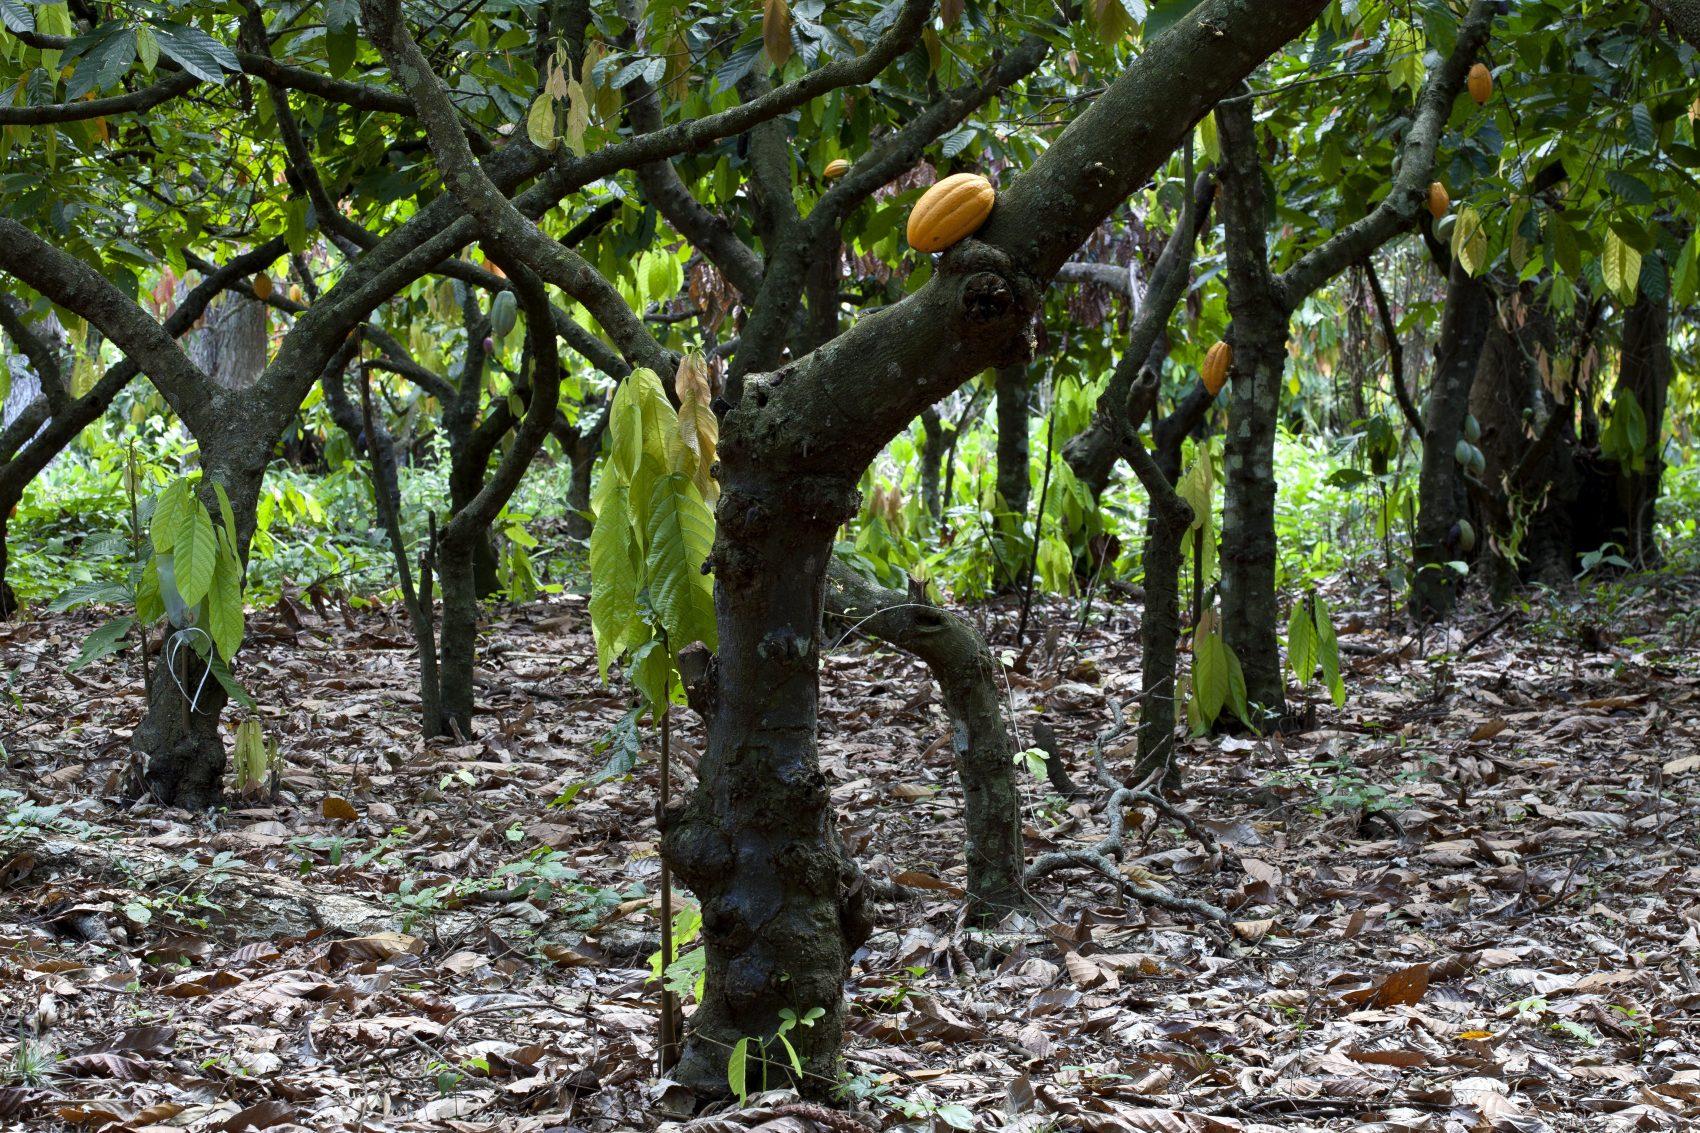 Plantação de cacau no estado do Espírito Santo, um dos polos brasileiros (Biosphoto / Michel Gunther/AFP)